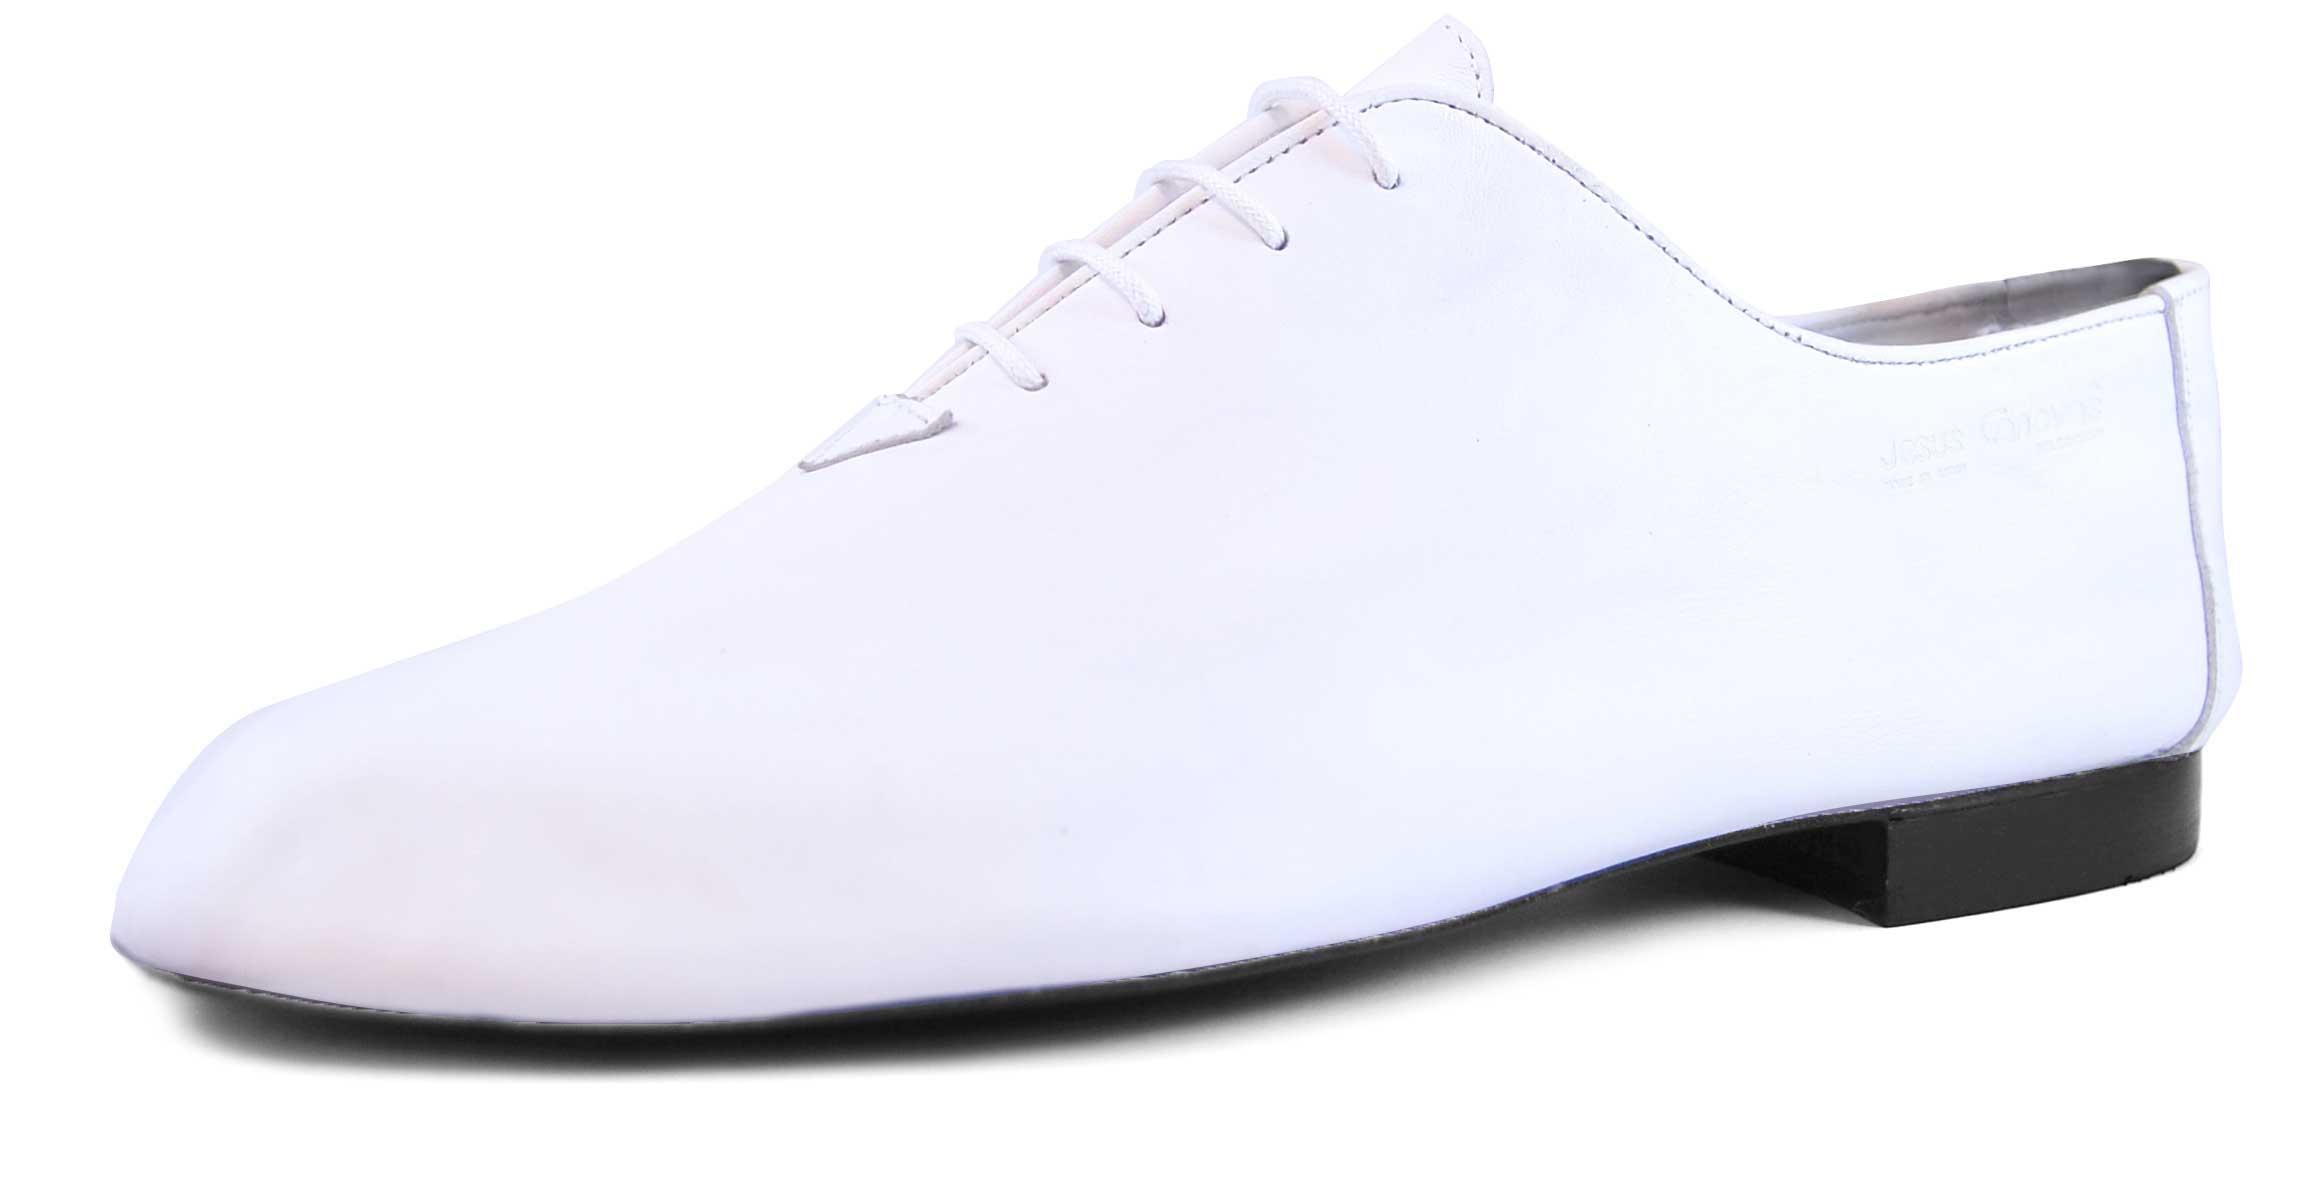 Foto 4 de Zapatos Julio Iglesias Cordon 529 JC Blanco Napa